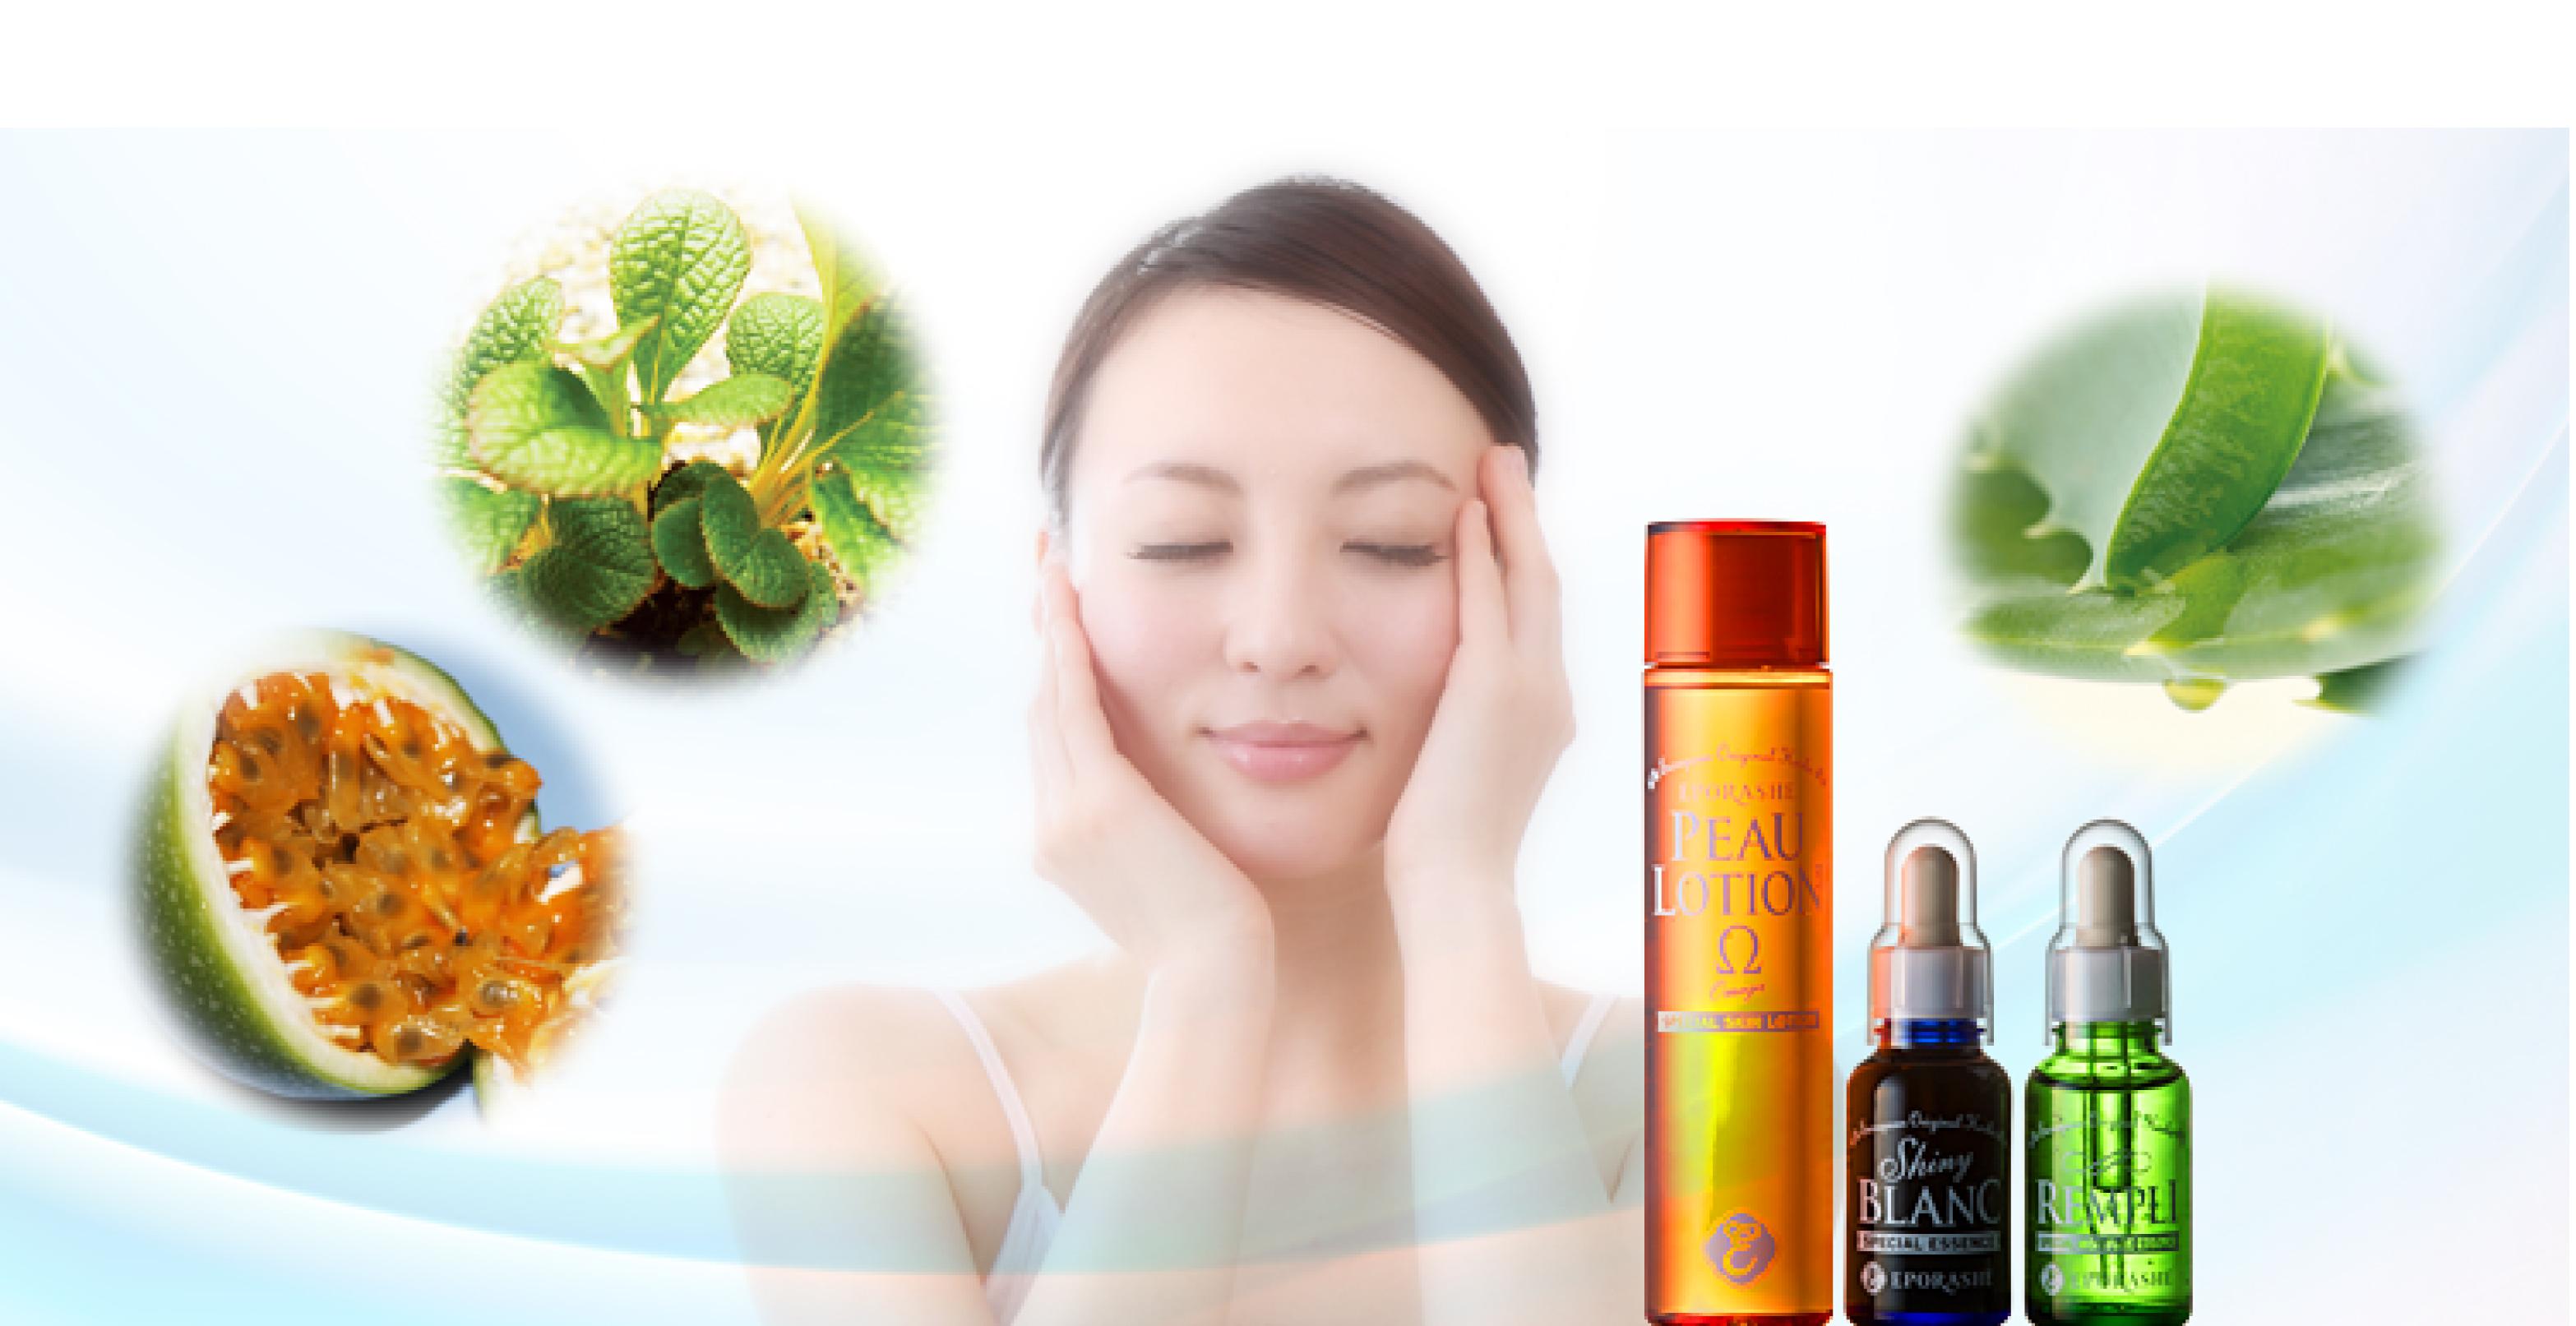 無駄なものはいらない水溶性シンプルケア お手入れの基本は、まず保湿から。 水のようなシャバシャバの化粧水でお肌に飲ませるように付け、 高濃度の天然ハーブ美容液で保湿をしっかりと。 お肌に無駄なものは全て排除したシンプルな水溶性ケアで、 肌本来のチカラを引き出す、美しく健やかなお肌を育てましよう。